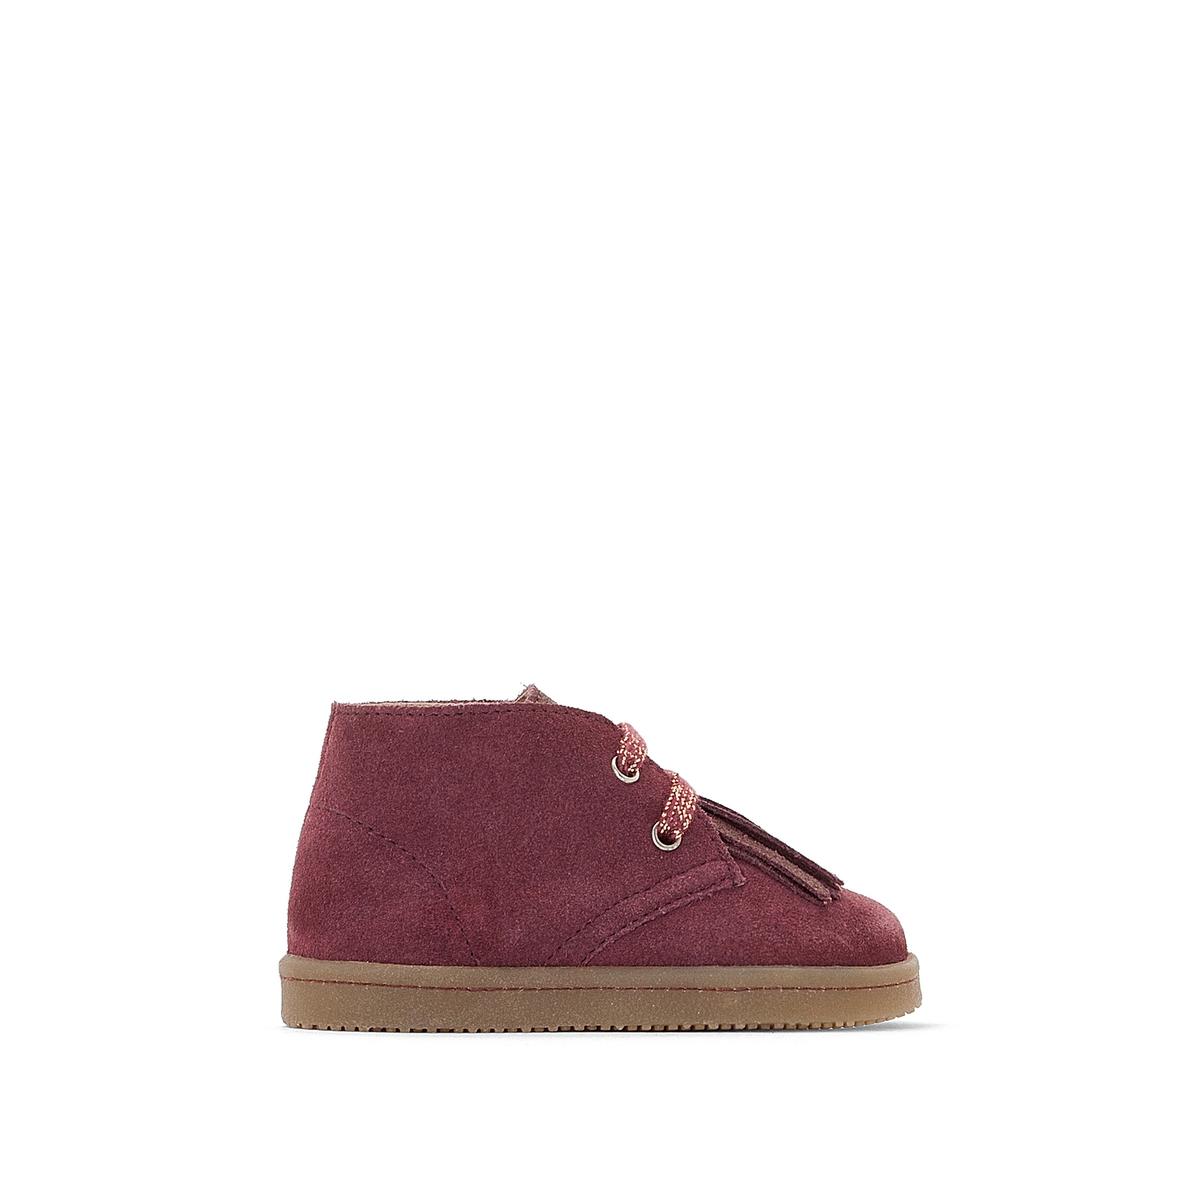 Ботинки кожаные на шнуровке, размеры 19-25 цены онлайн